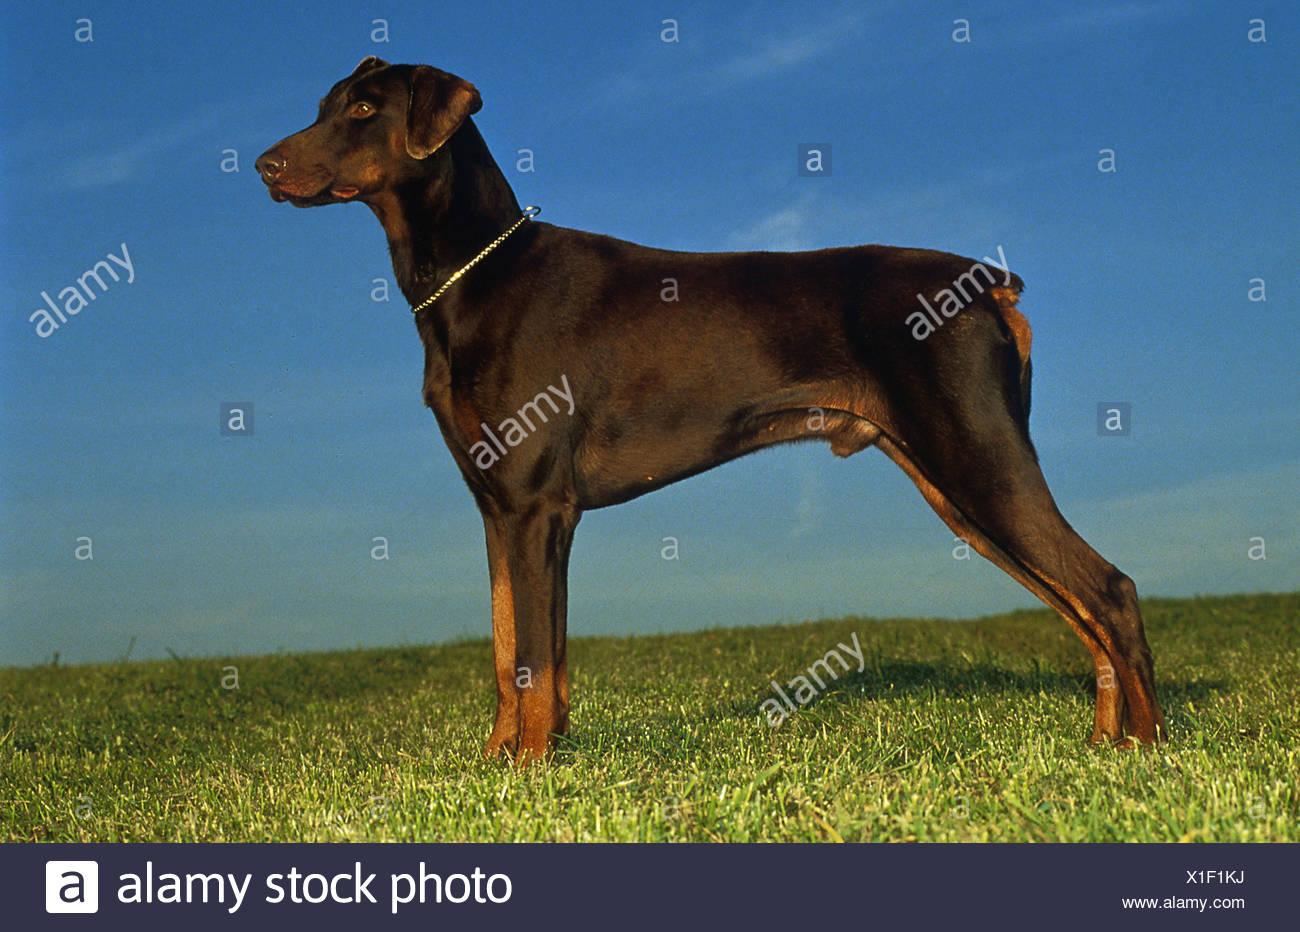 Dobermann - braun - seitlich stehend auf Wiese - Stock Image